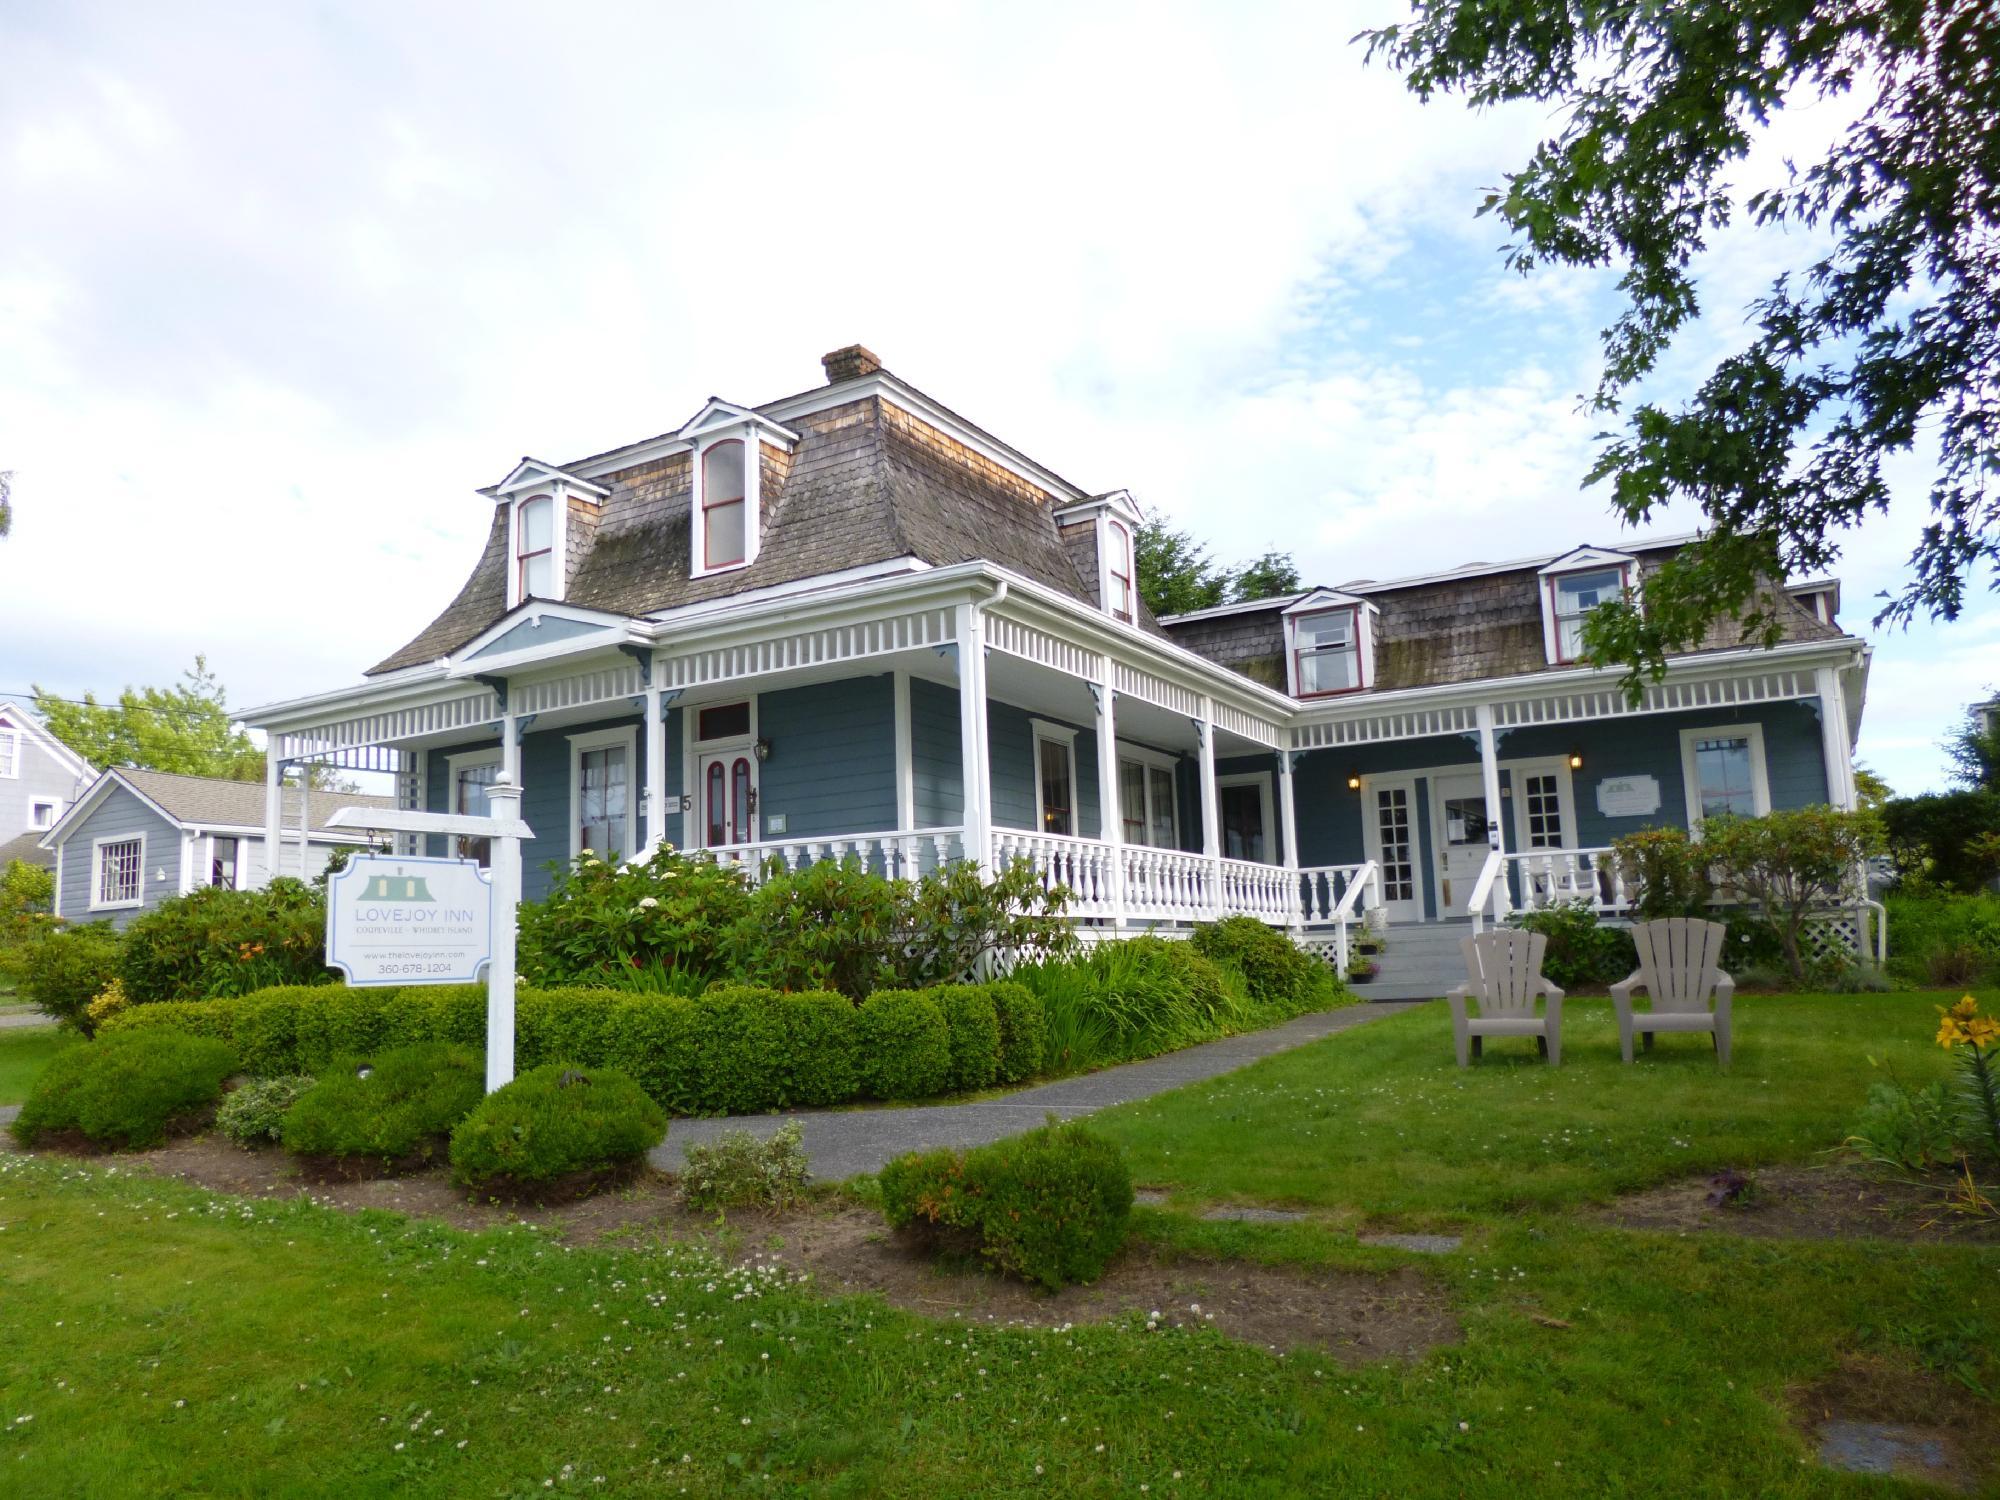 Lovejoy Inn on Whidbey Island